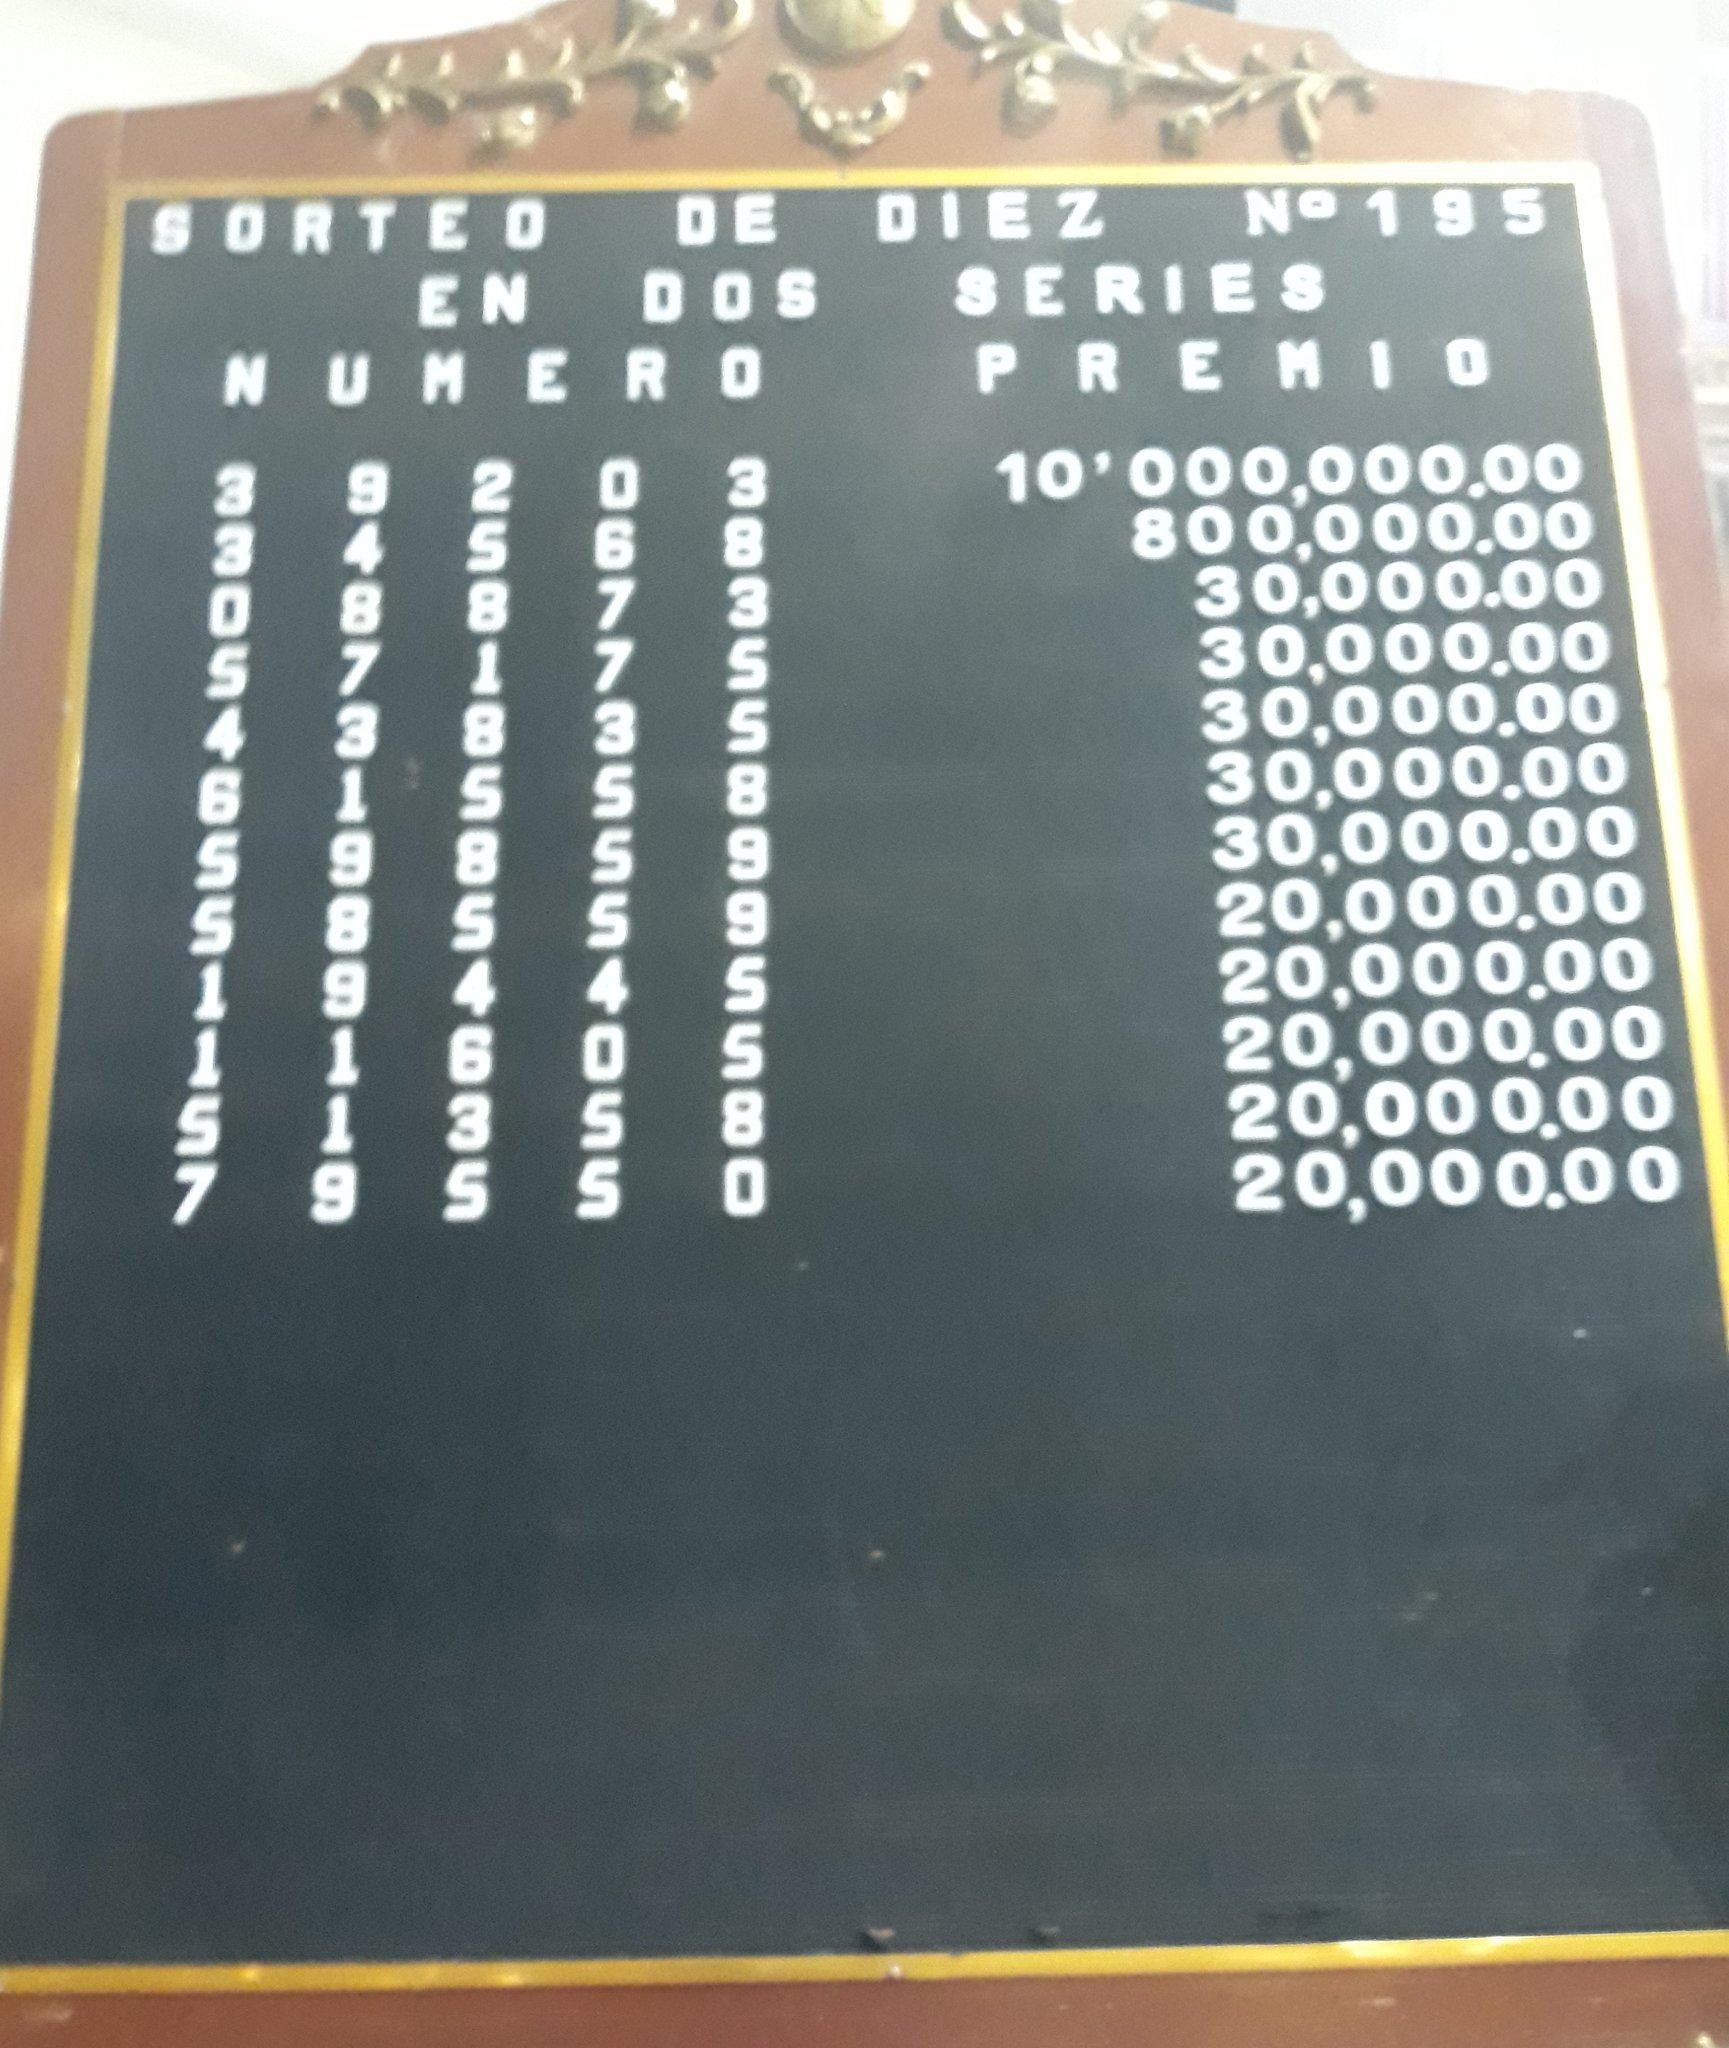 Resultados sorteo de diez 195